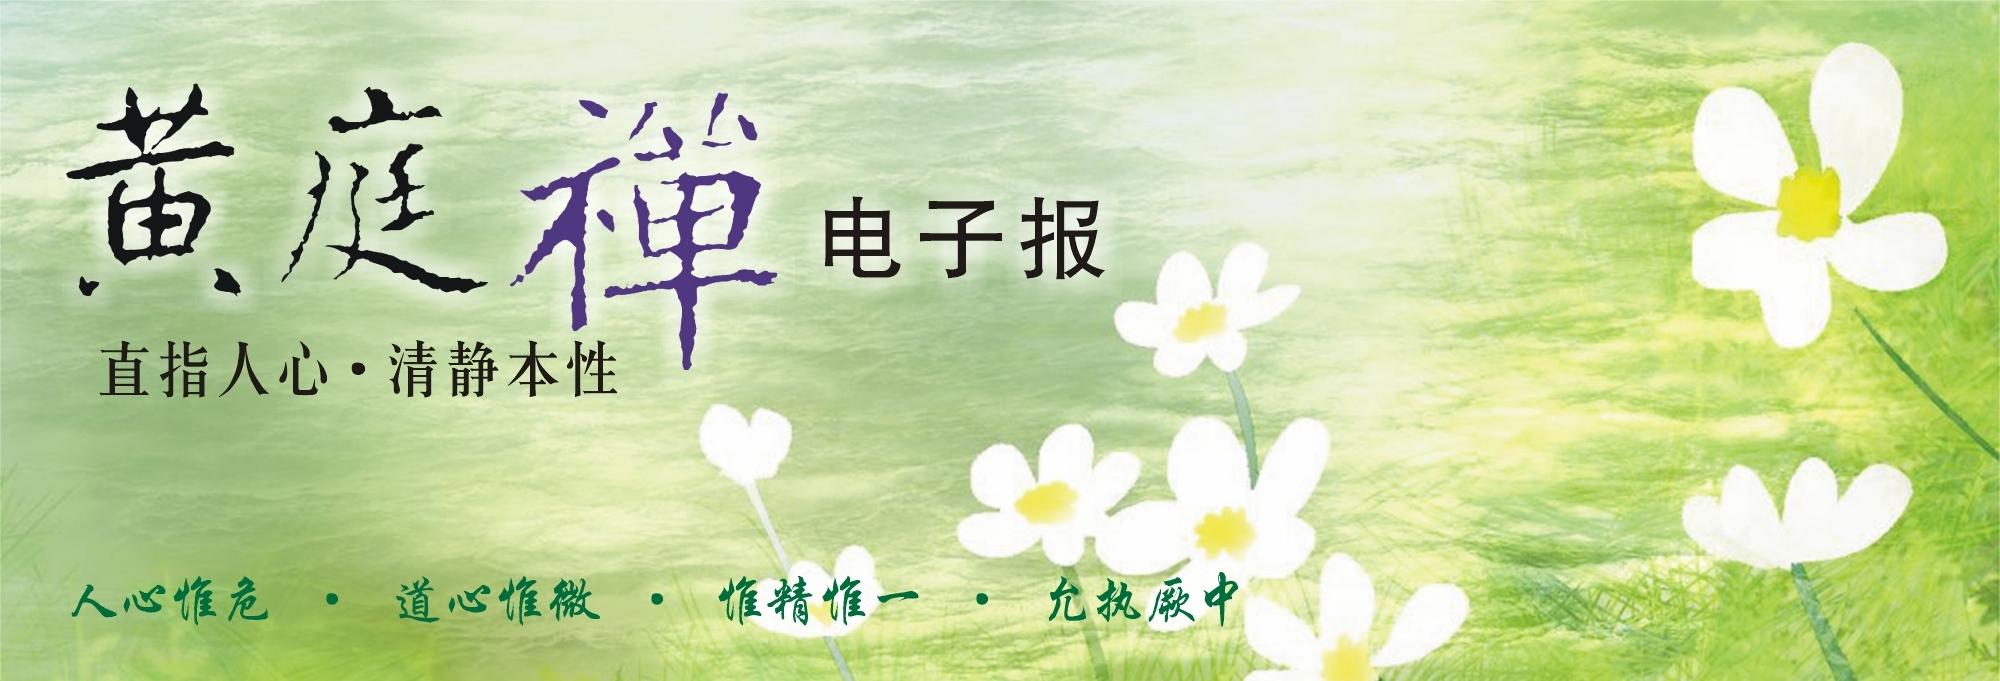 中华黄庭禅学会2019.06.21电子报